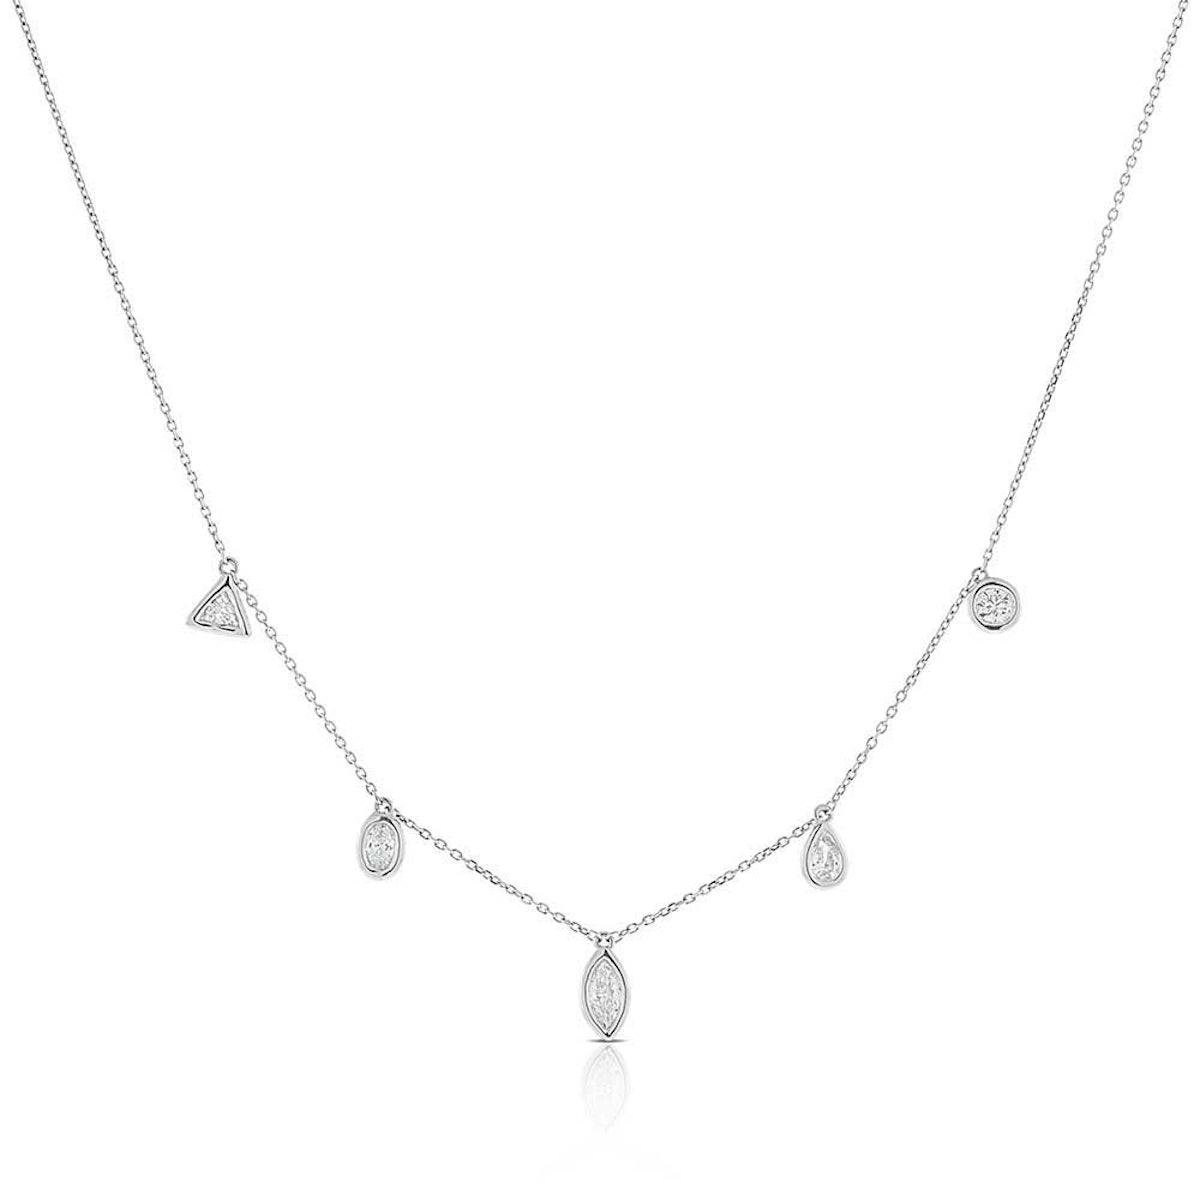 Fancy Shape Diamond Dangle Necklace in 14K White Gold